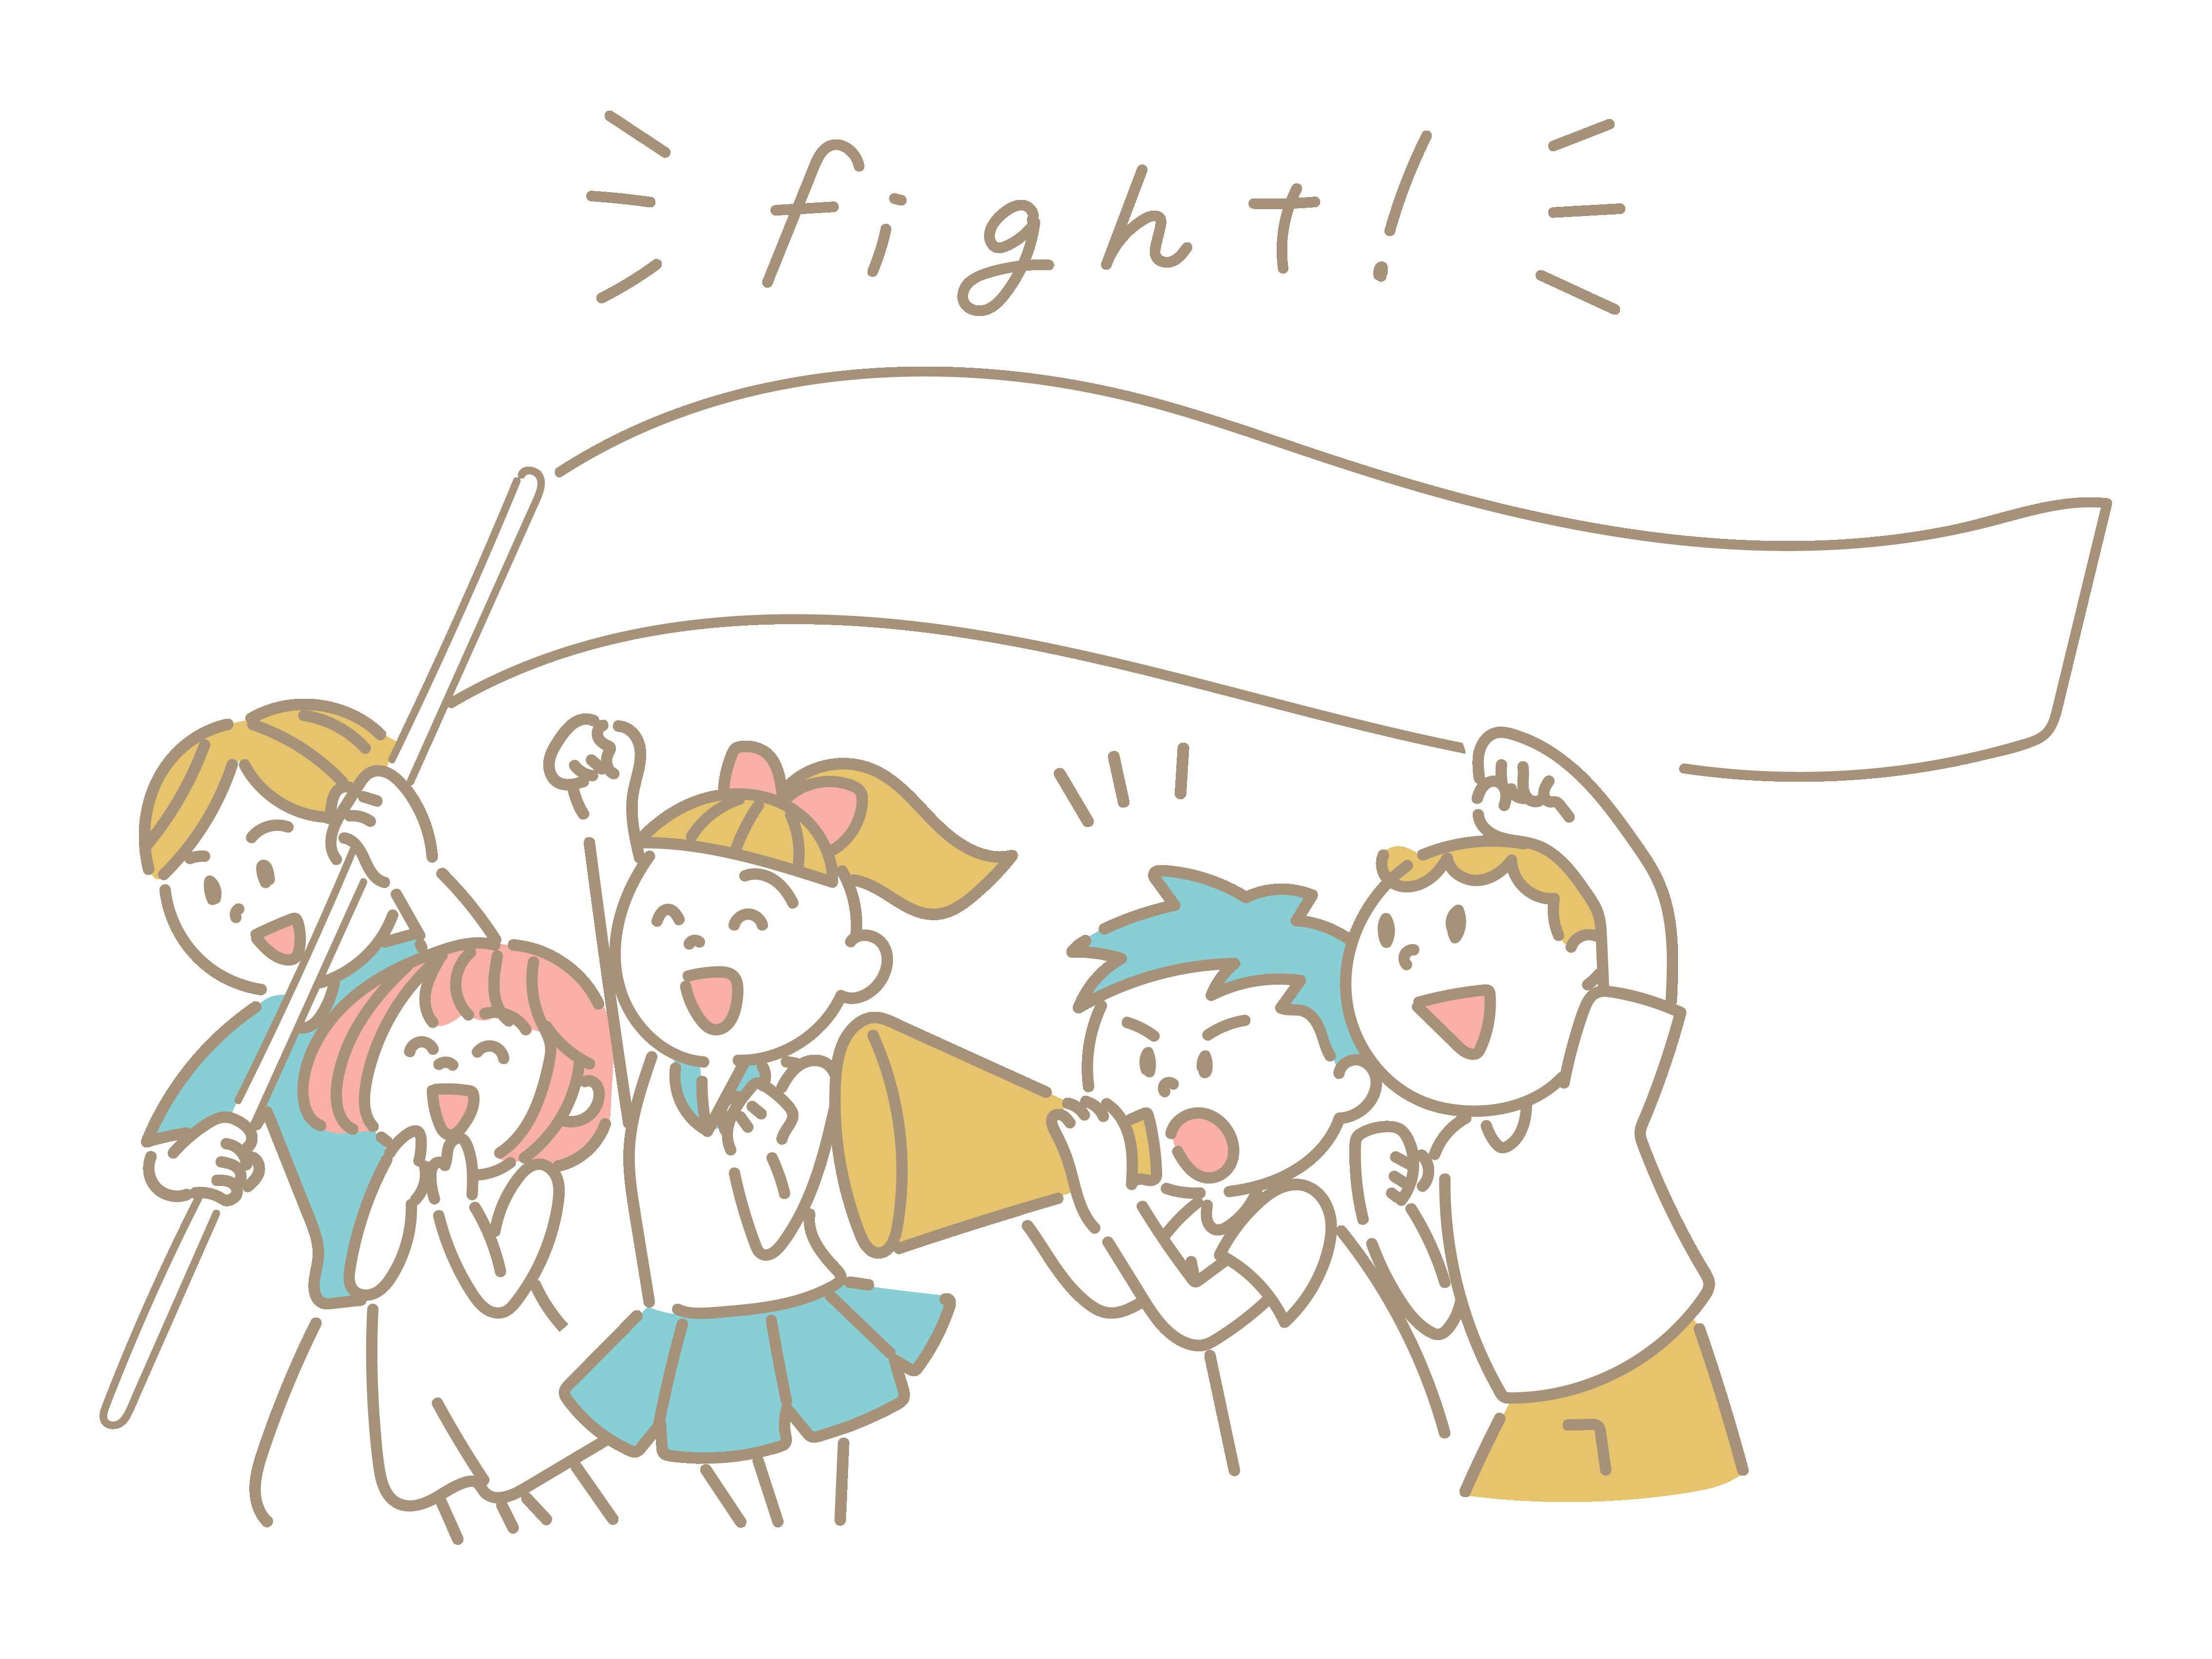 """大勢で誰かを""""fight""""と応援するイラスト"""